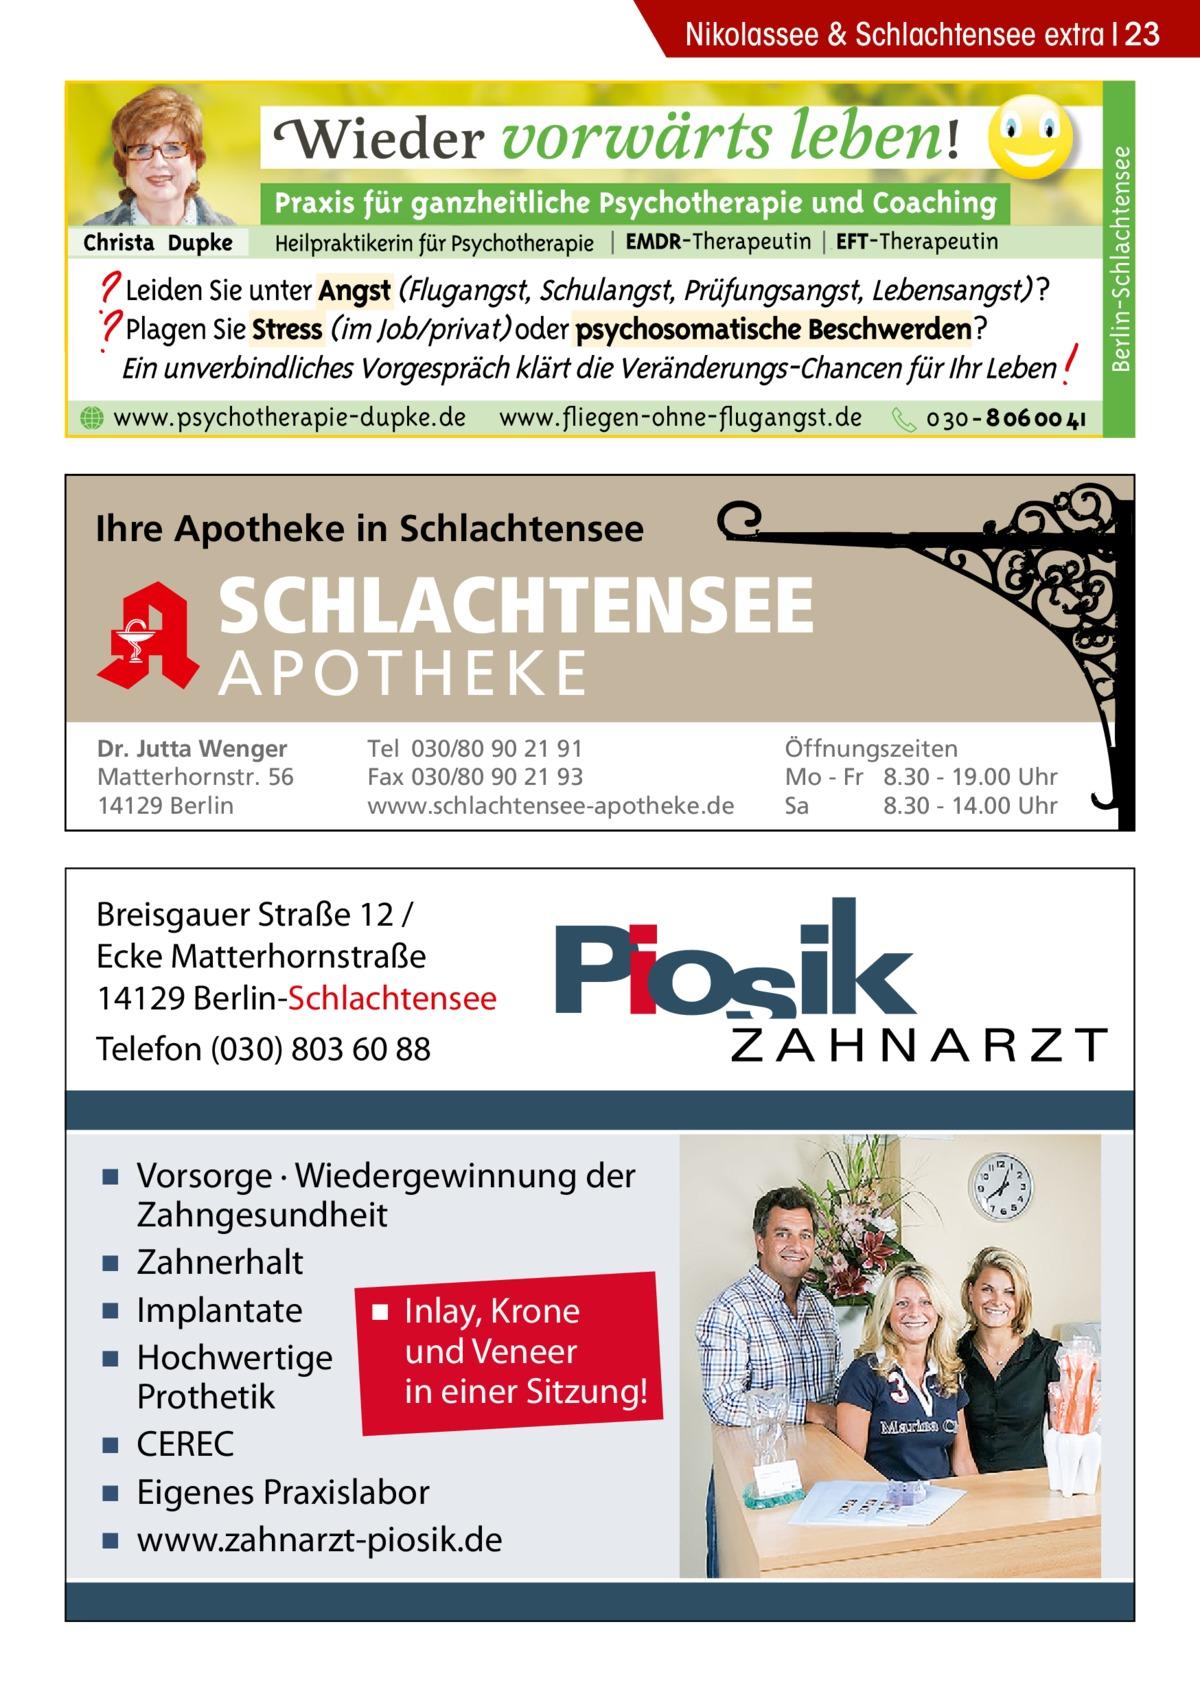 Berlin-Schlachtensee  Nikolassee & Schlachtensee extra 23  www.psychotherapie-dupke.de  www.fliegen-ohne-flugangst.de  Ihre Apotheke in Schlachtensee  SCHLACHTENSEE APO THEKE Dr. Jutta Wenger Matterhornstr. 56 14129 Berlin  Tel 030/80 90 21 91 Fax 030/80 90 21 93 www.schlachtensee-apotheke.de  Breisgauer Straße 12 / Ecke Matterhornstraße 14129 Berlin-Schlachtensee Telefon (030) 803 60 88  ▪ Vorsorge · Wiedergewinnung der Zahngesundheit ▪ Zahnerhalt ▪ Implantate ▪ Inlay, Krone und Veneer ▪ Hochwertige in einer Sitzung! Prothetik ▪ CEREC ▪ Eigenes Praxislabor ▪ www.zahnarzt-piosik.de  Öffnungszeiten Mo - Fr 8.30 - 19.00 Uhr Sa 8.30 - 14.00 Uhr